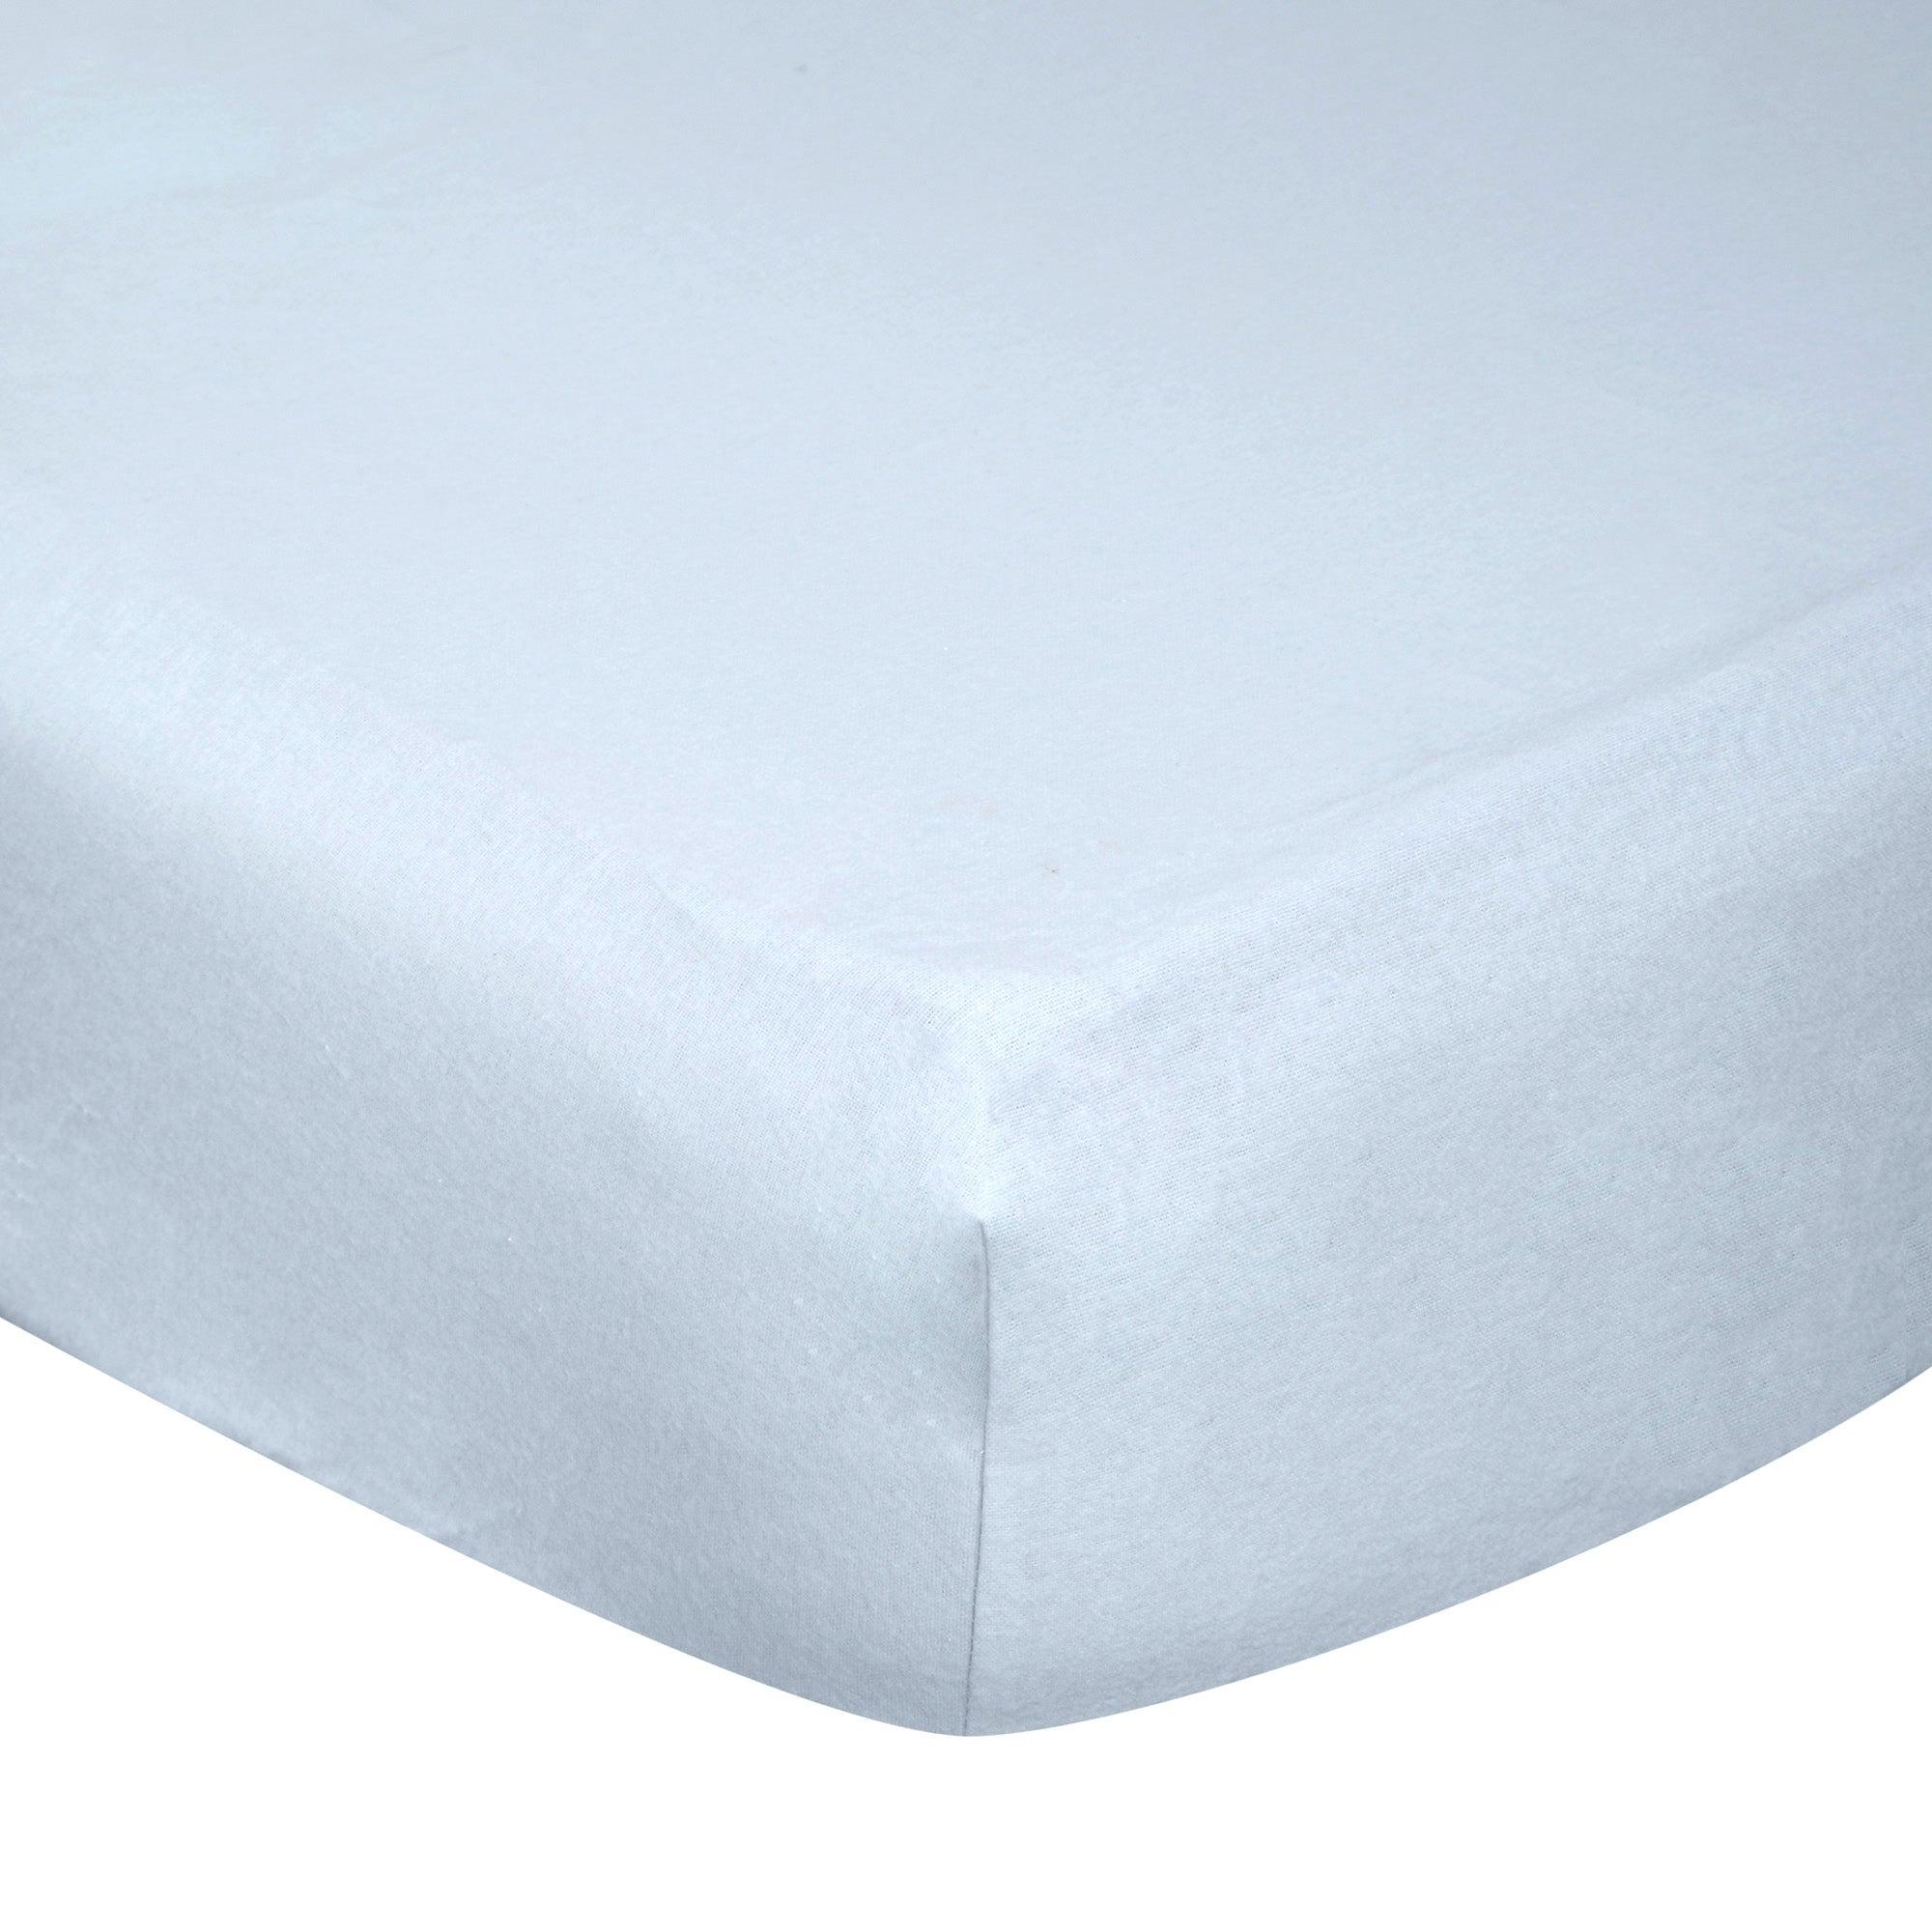 Dorma Velvety Soft Fitted Sheet